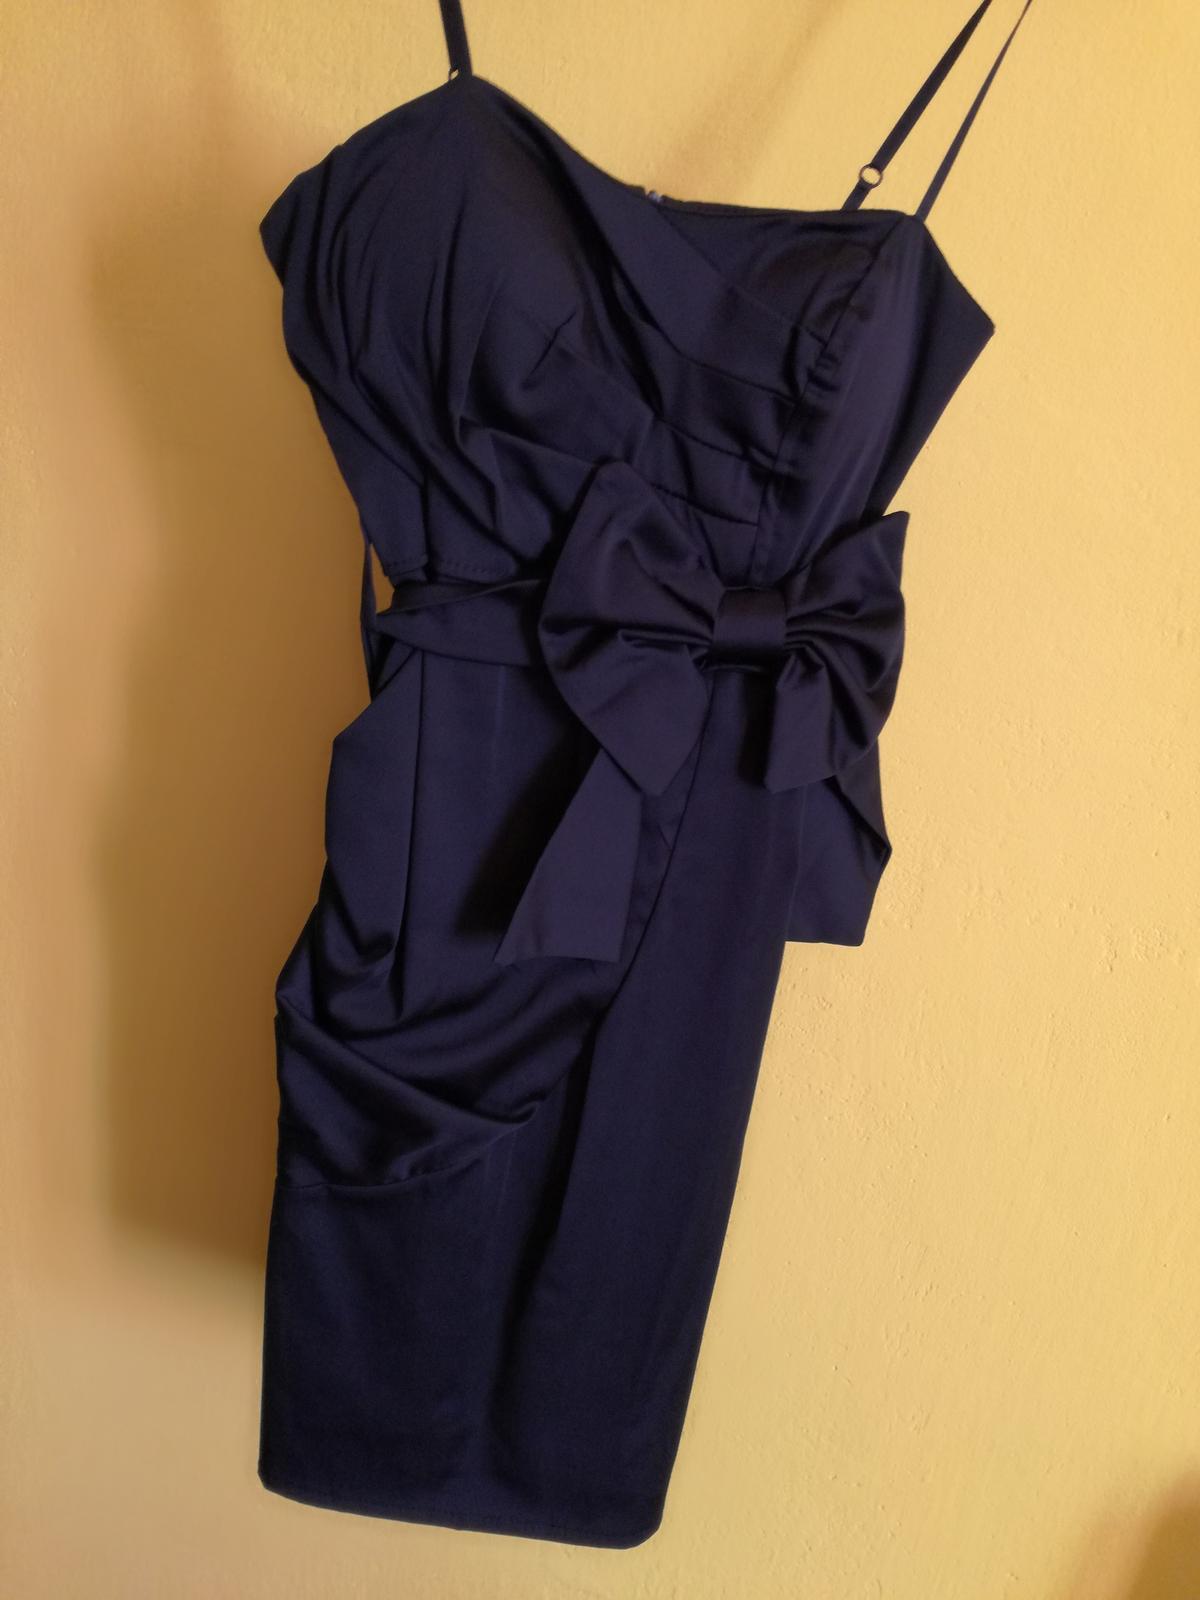 Čierne šaty s mašľou - Obrázok č. 1